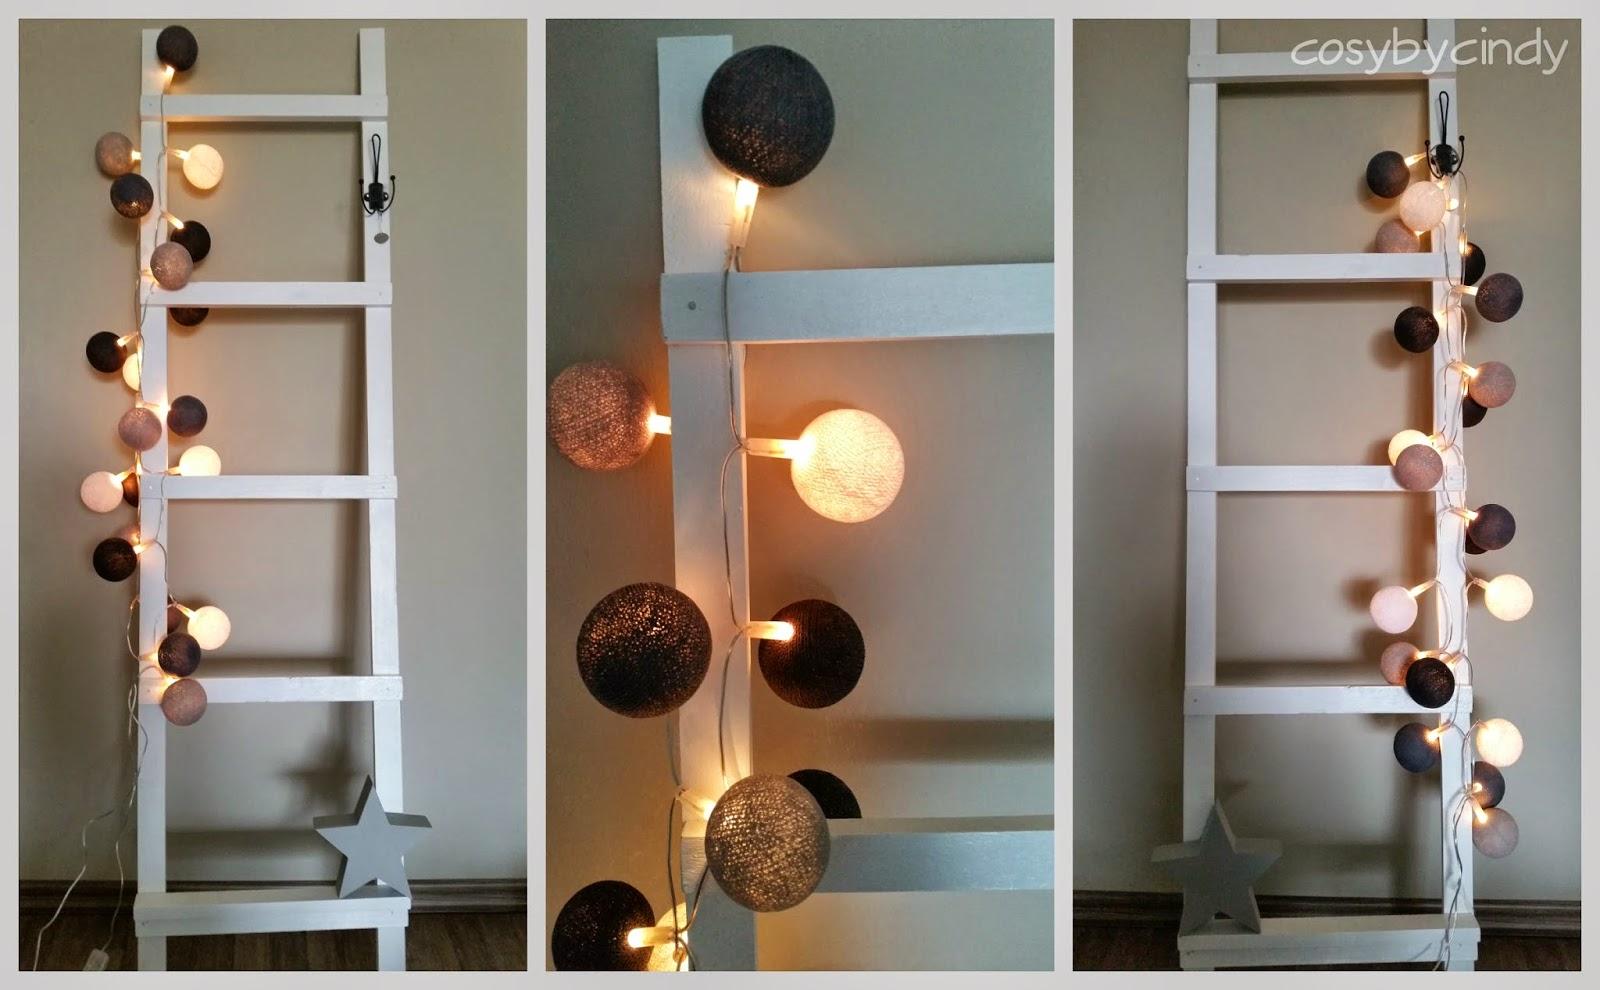 Cosy by cindy altijd iets leuks te vinden: decoratie ladder voor